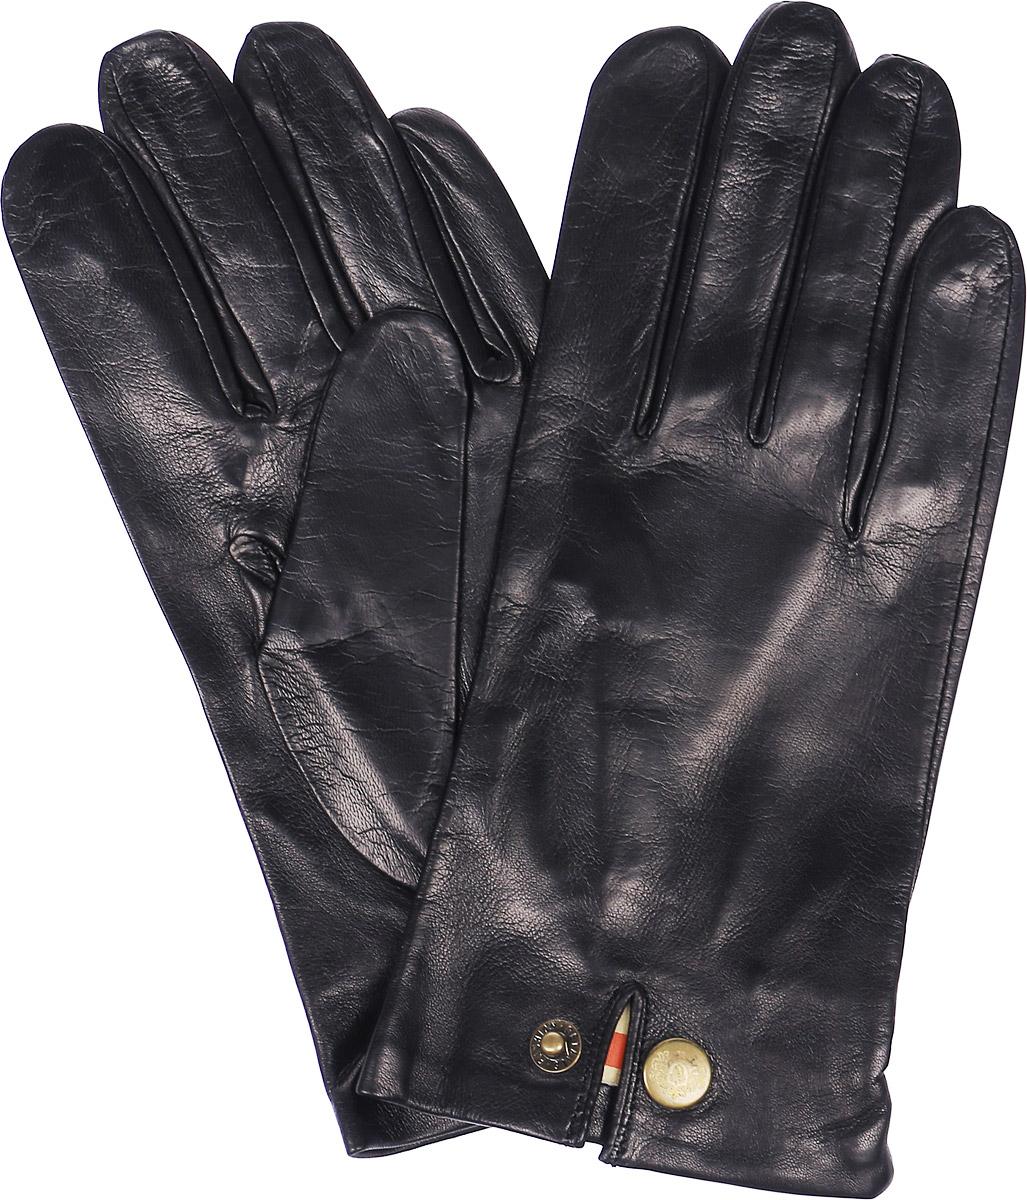 ПерчаткиK81-EVENCH/BLМужские перчатки Michel Katana не только защитят ваши руки, но и станут великолепным украшением. Перчатки выполнены из натуральной кожи, а подкладка - из высококачественной шерсти. Модель оформлена кнопкой.